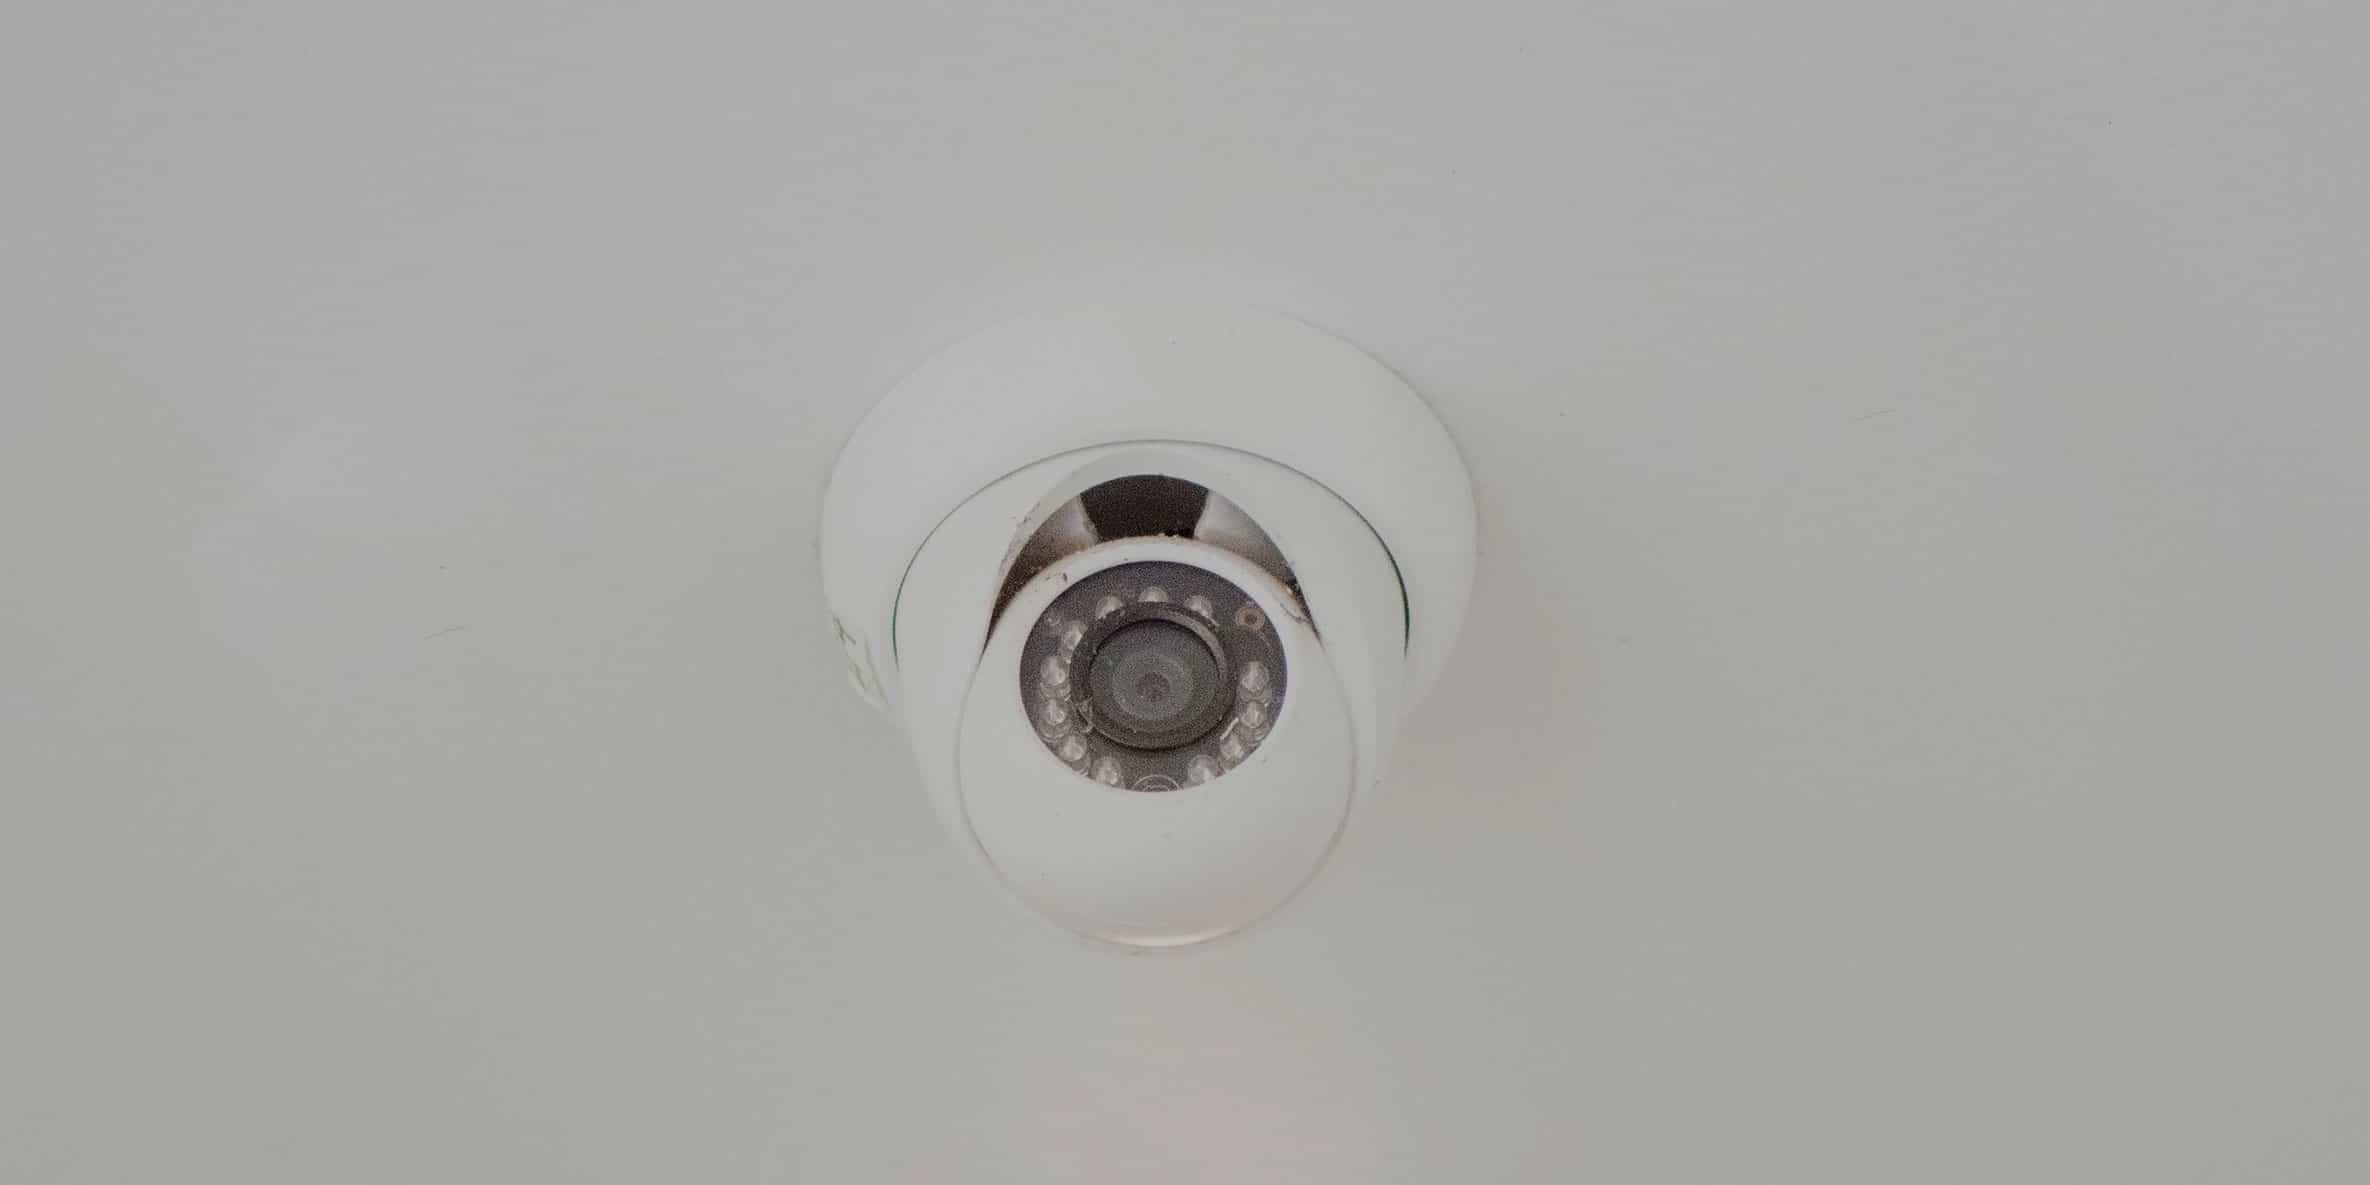 Como escolher o sistema certo de câmera de segurança doméstica